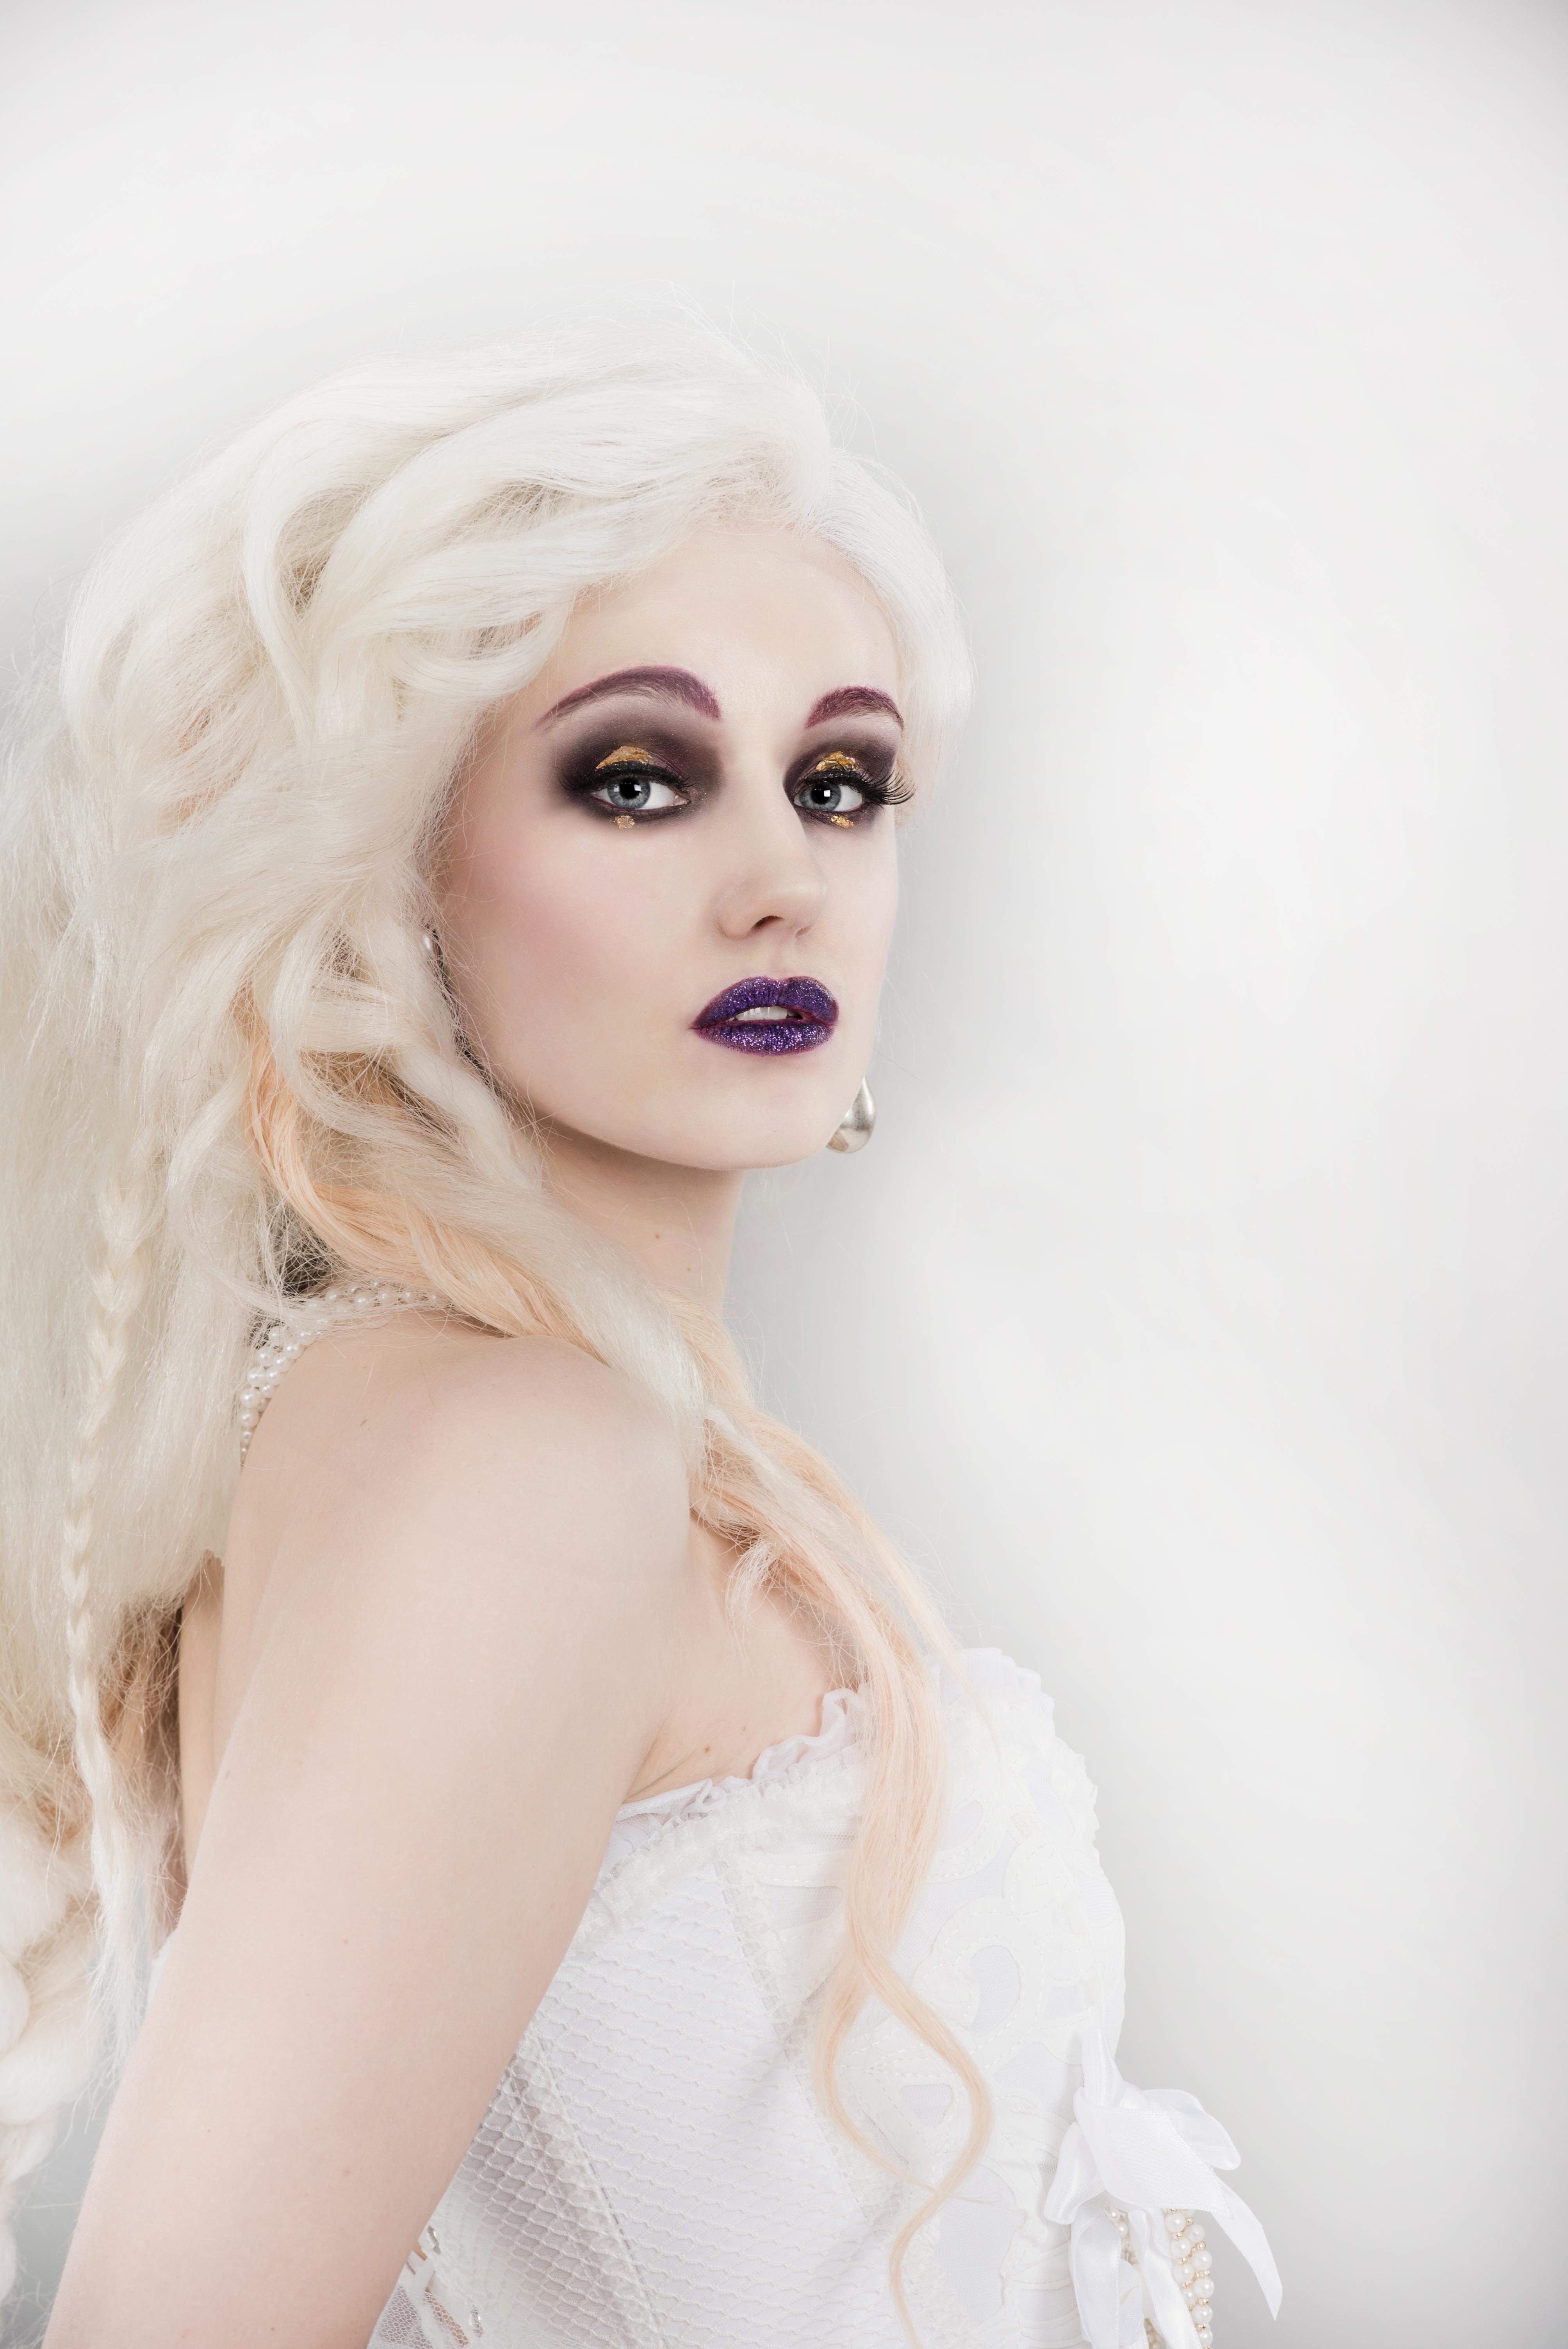 Wig & Make-up